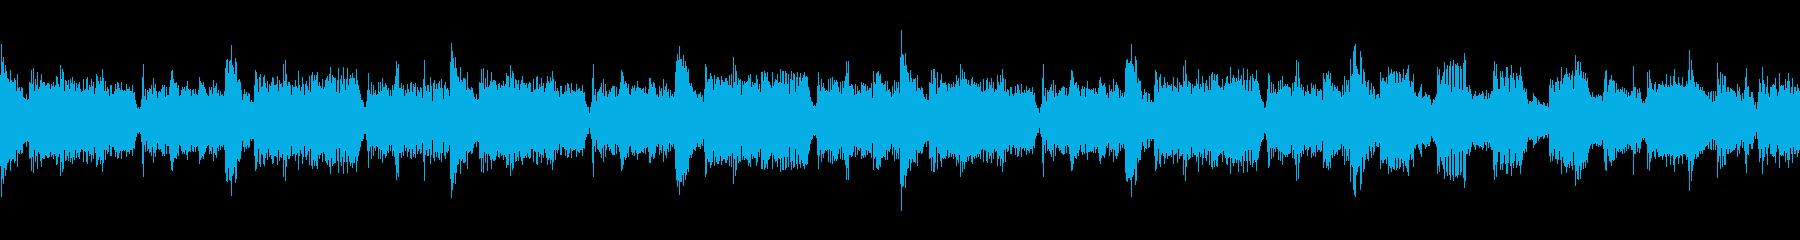 ループ仕様、タイトル画面のようなBGMの再生済みの波形